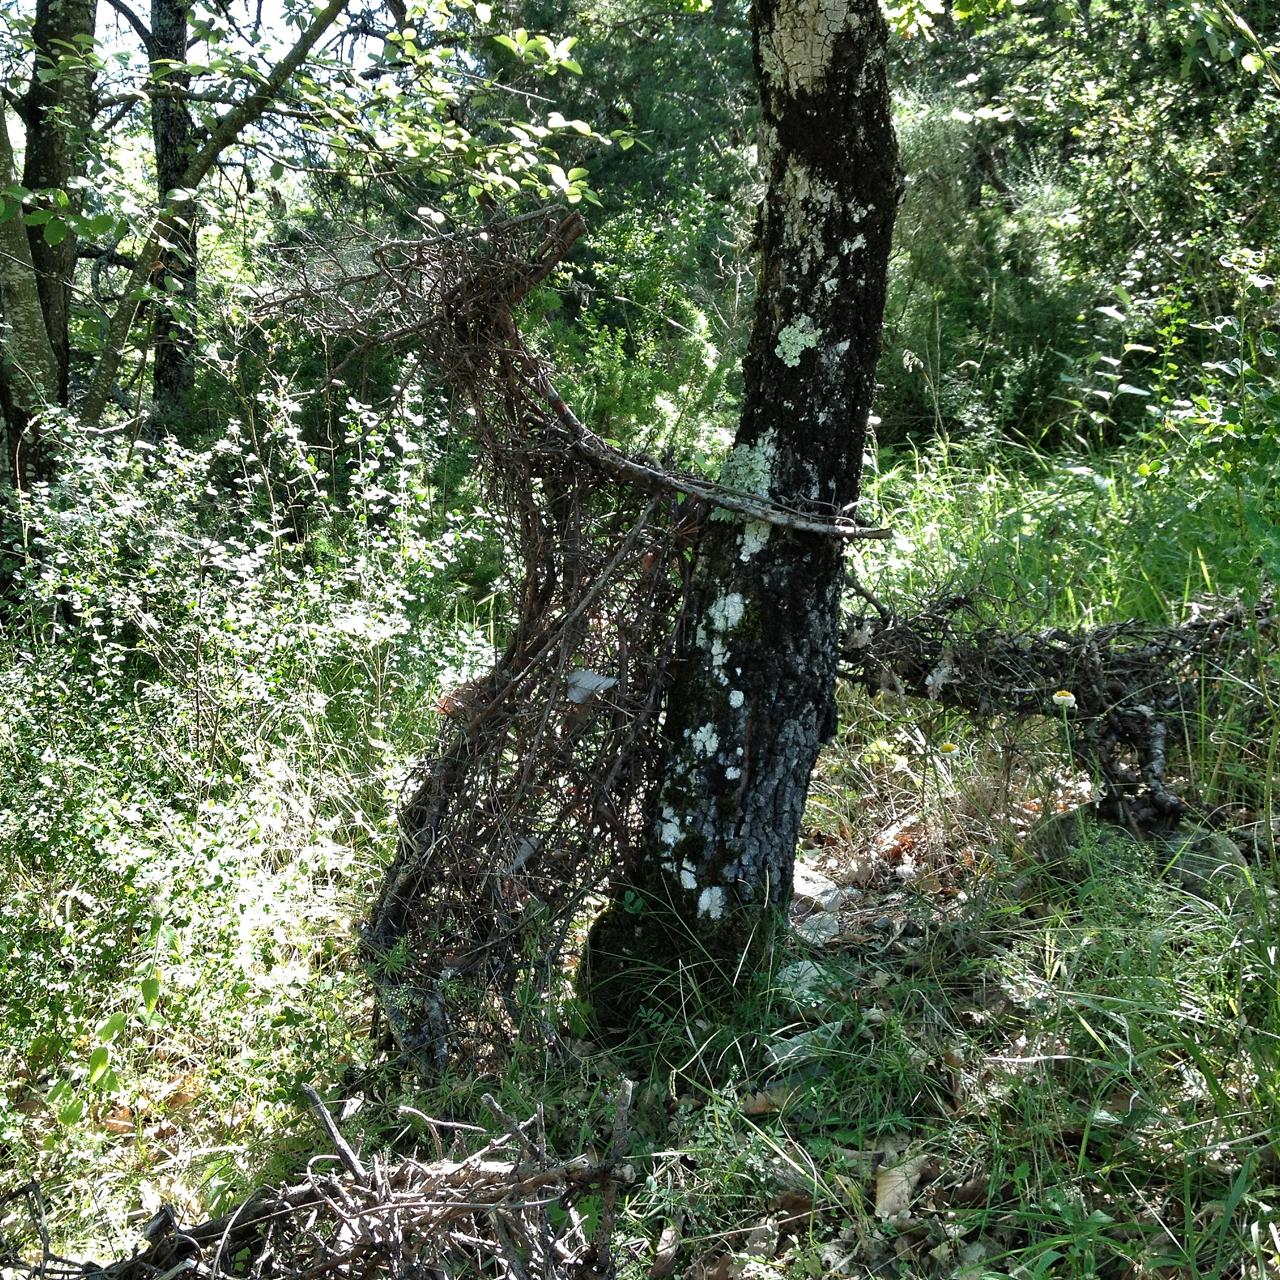 """Une chèvre se cache dans la broussaille. Sauras-tu la retrouver?  Dans la série, je réalise de belles choses dans la nature, voici """"Les Piquettes, chèvres de broussailles"""", de Myriam De Manoir, vues aux détours de chemins sur les hauteurs de Vesc (Drôme)."""